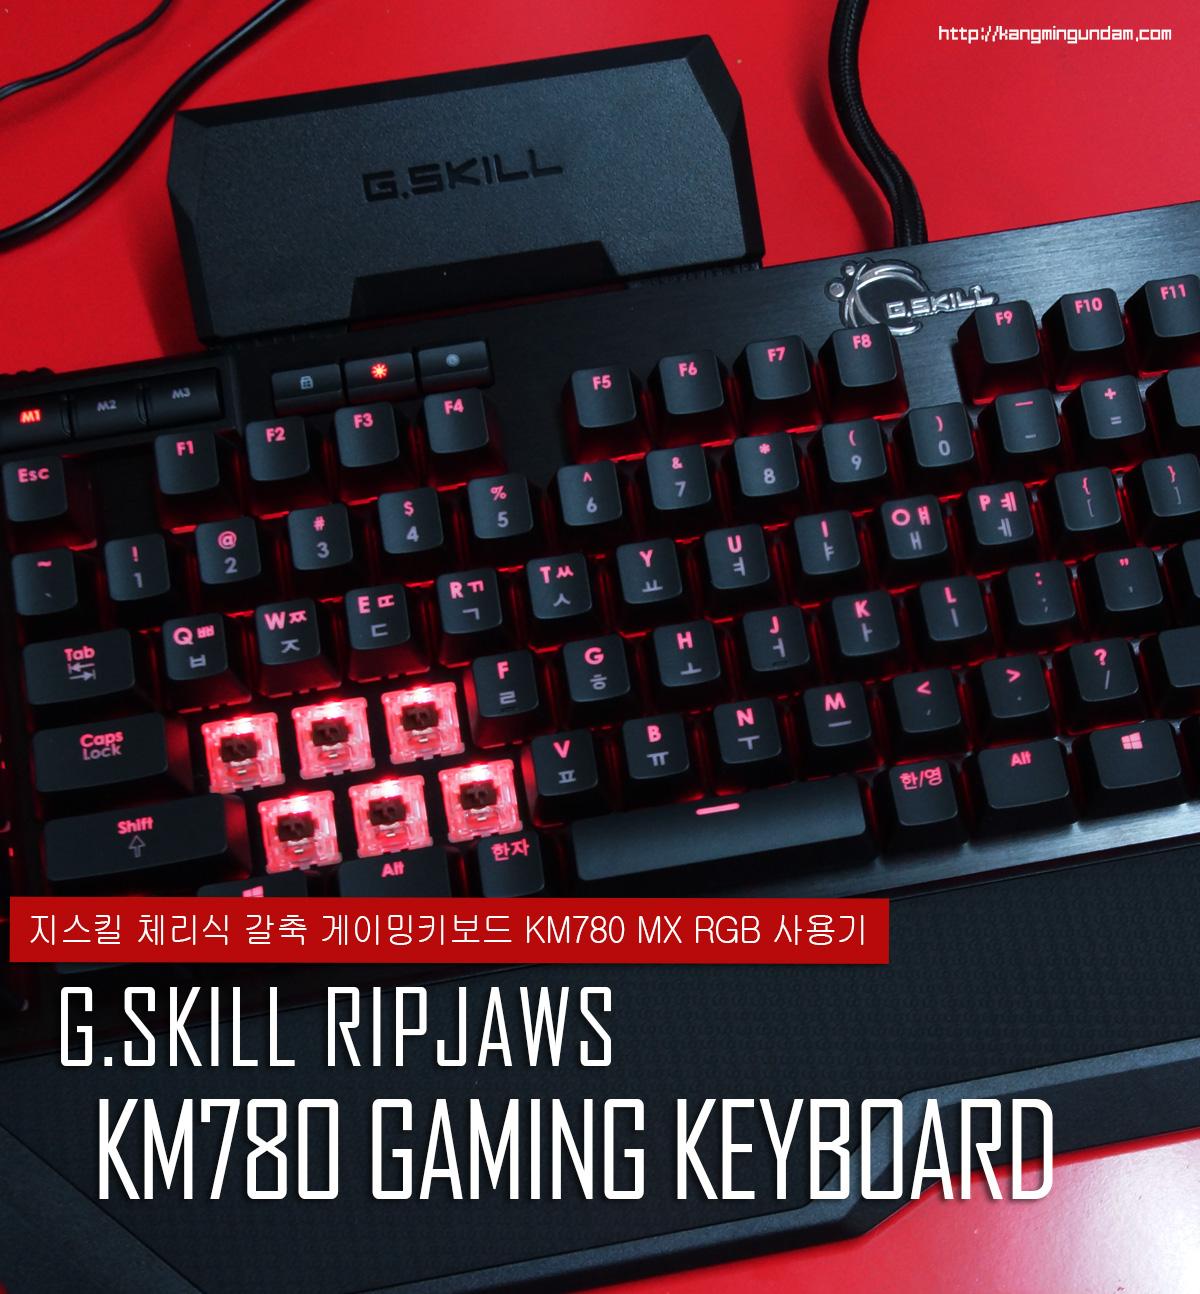 지스킬 립죠스 게이밍 키보드 KM780 커세어 G.SKILL RIPJAWSKeyboard KM780_RGB -01.jpg